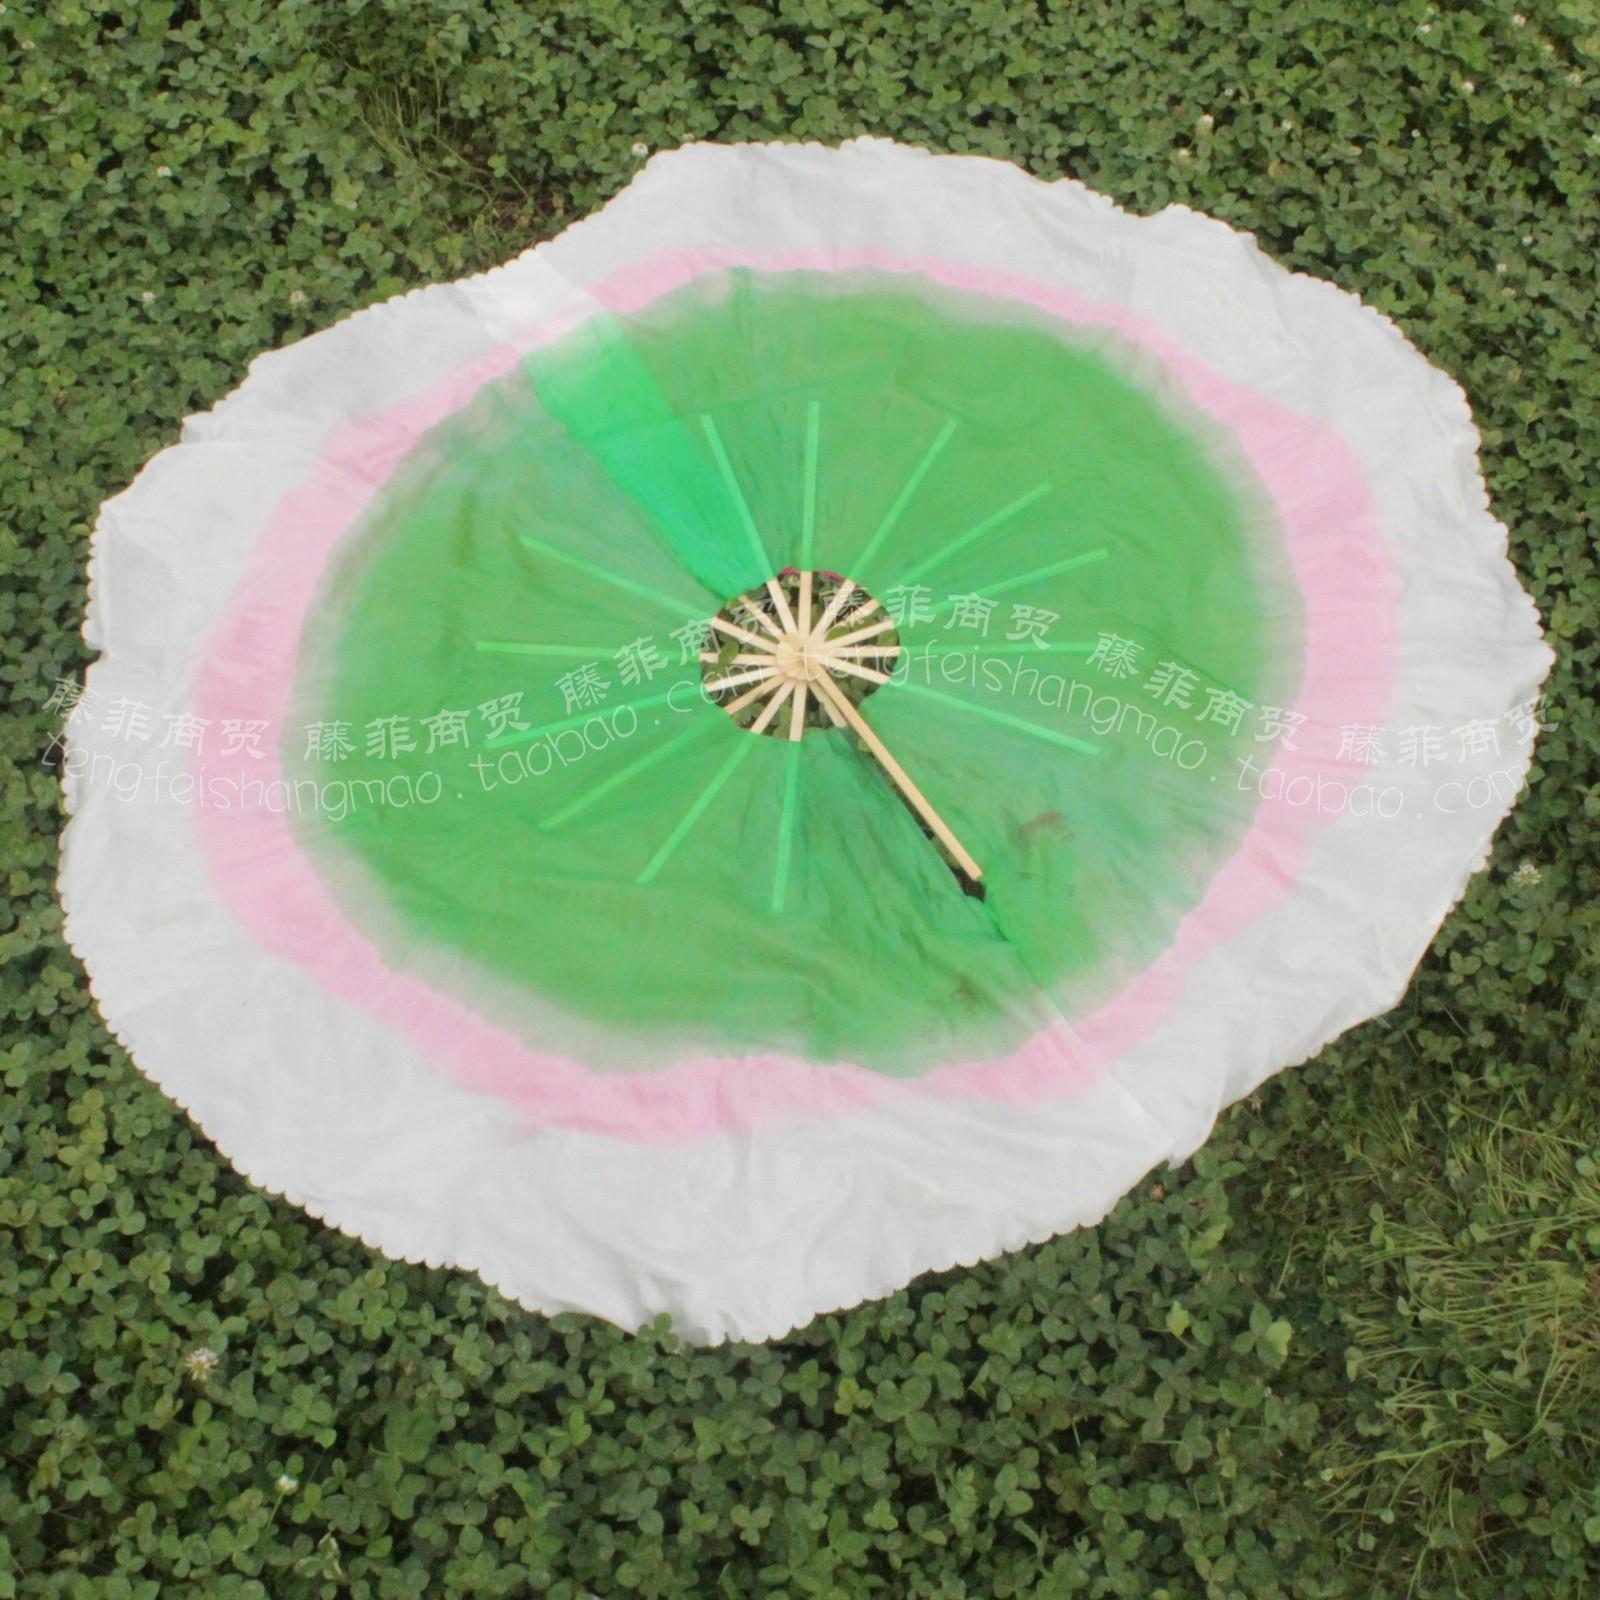 咏荷双面舞蹈扇子批发渐变色绸加长360度仿真丝舞扇圆扇舞蹈道具